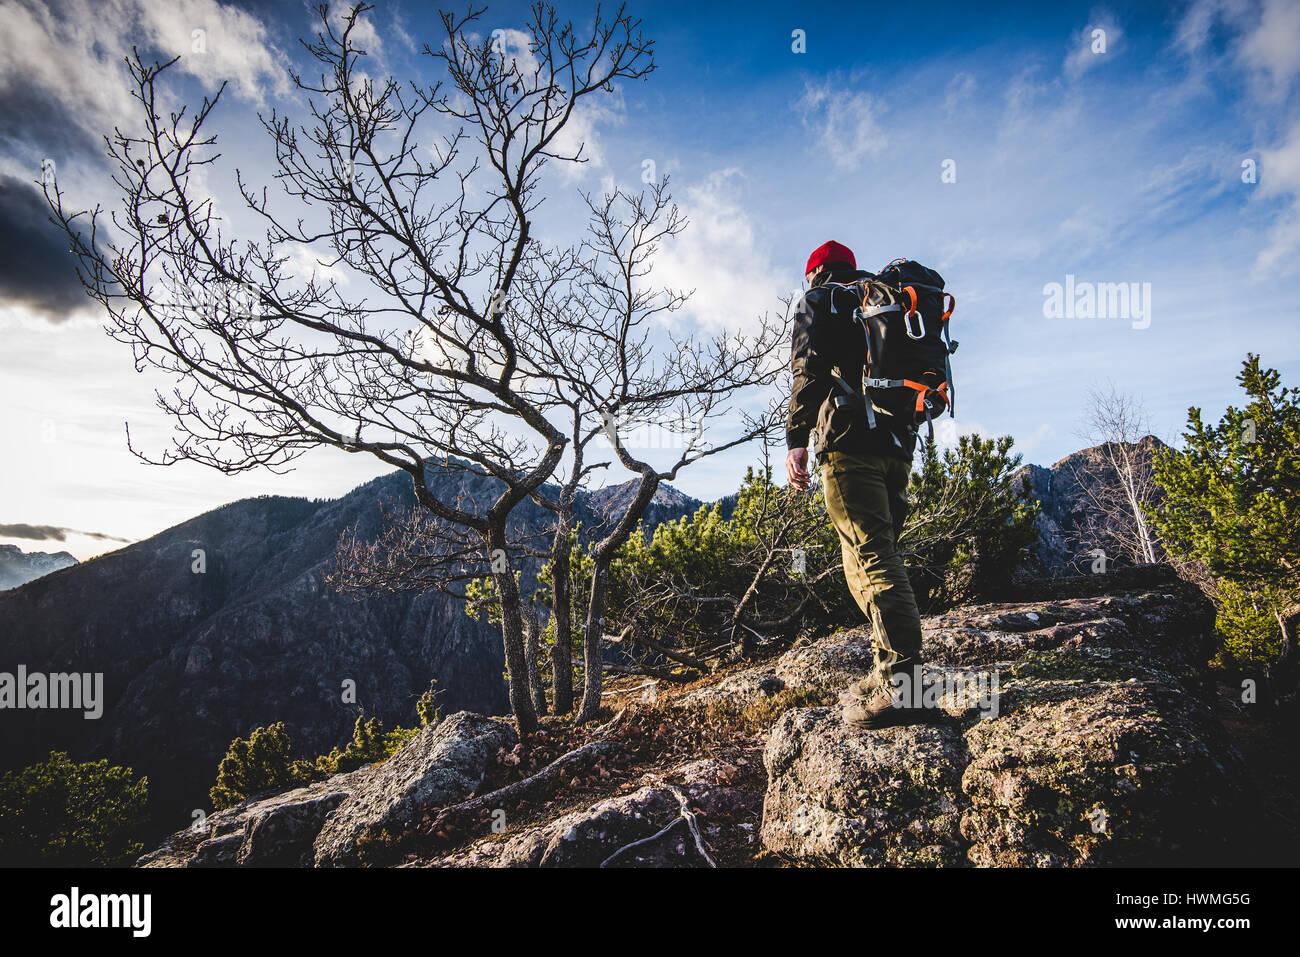 Trilheiros andando sobre uma trilha de montanha na floresta - Wanderlust Travel conceito desportivo com pessoas Imagens de Stock